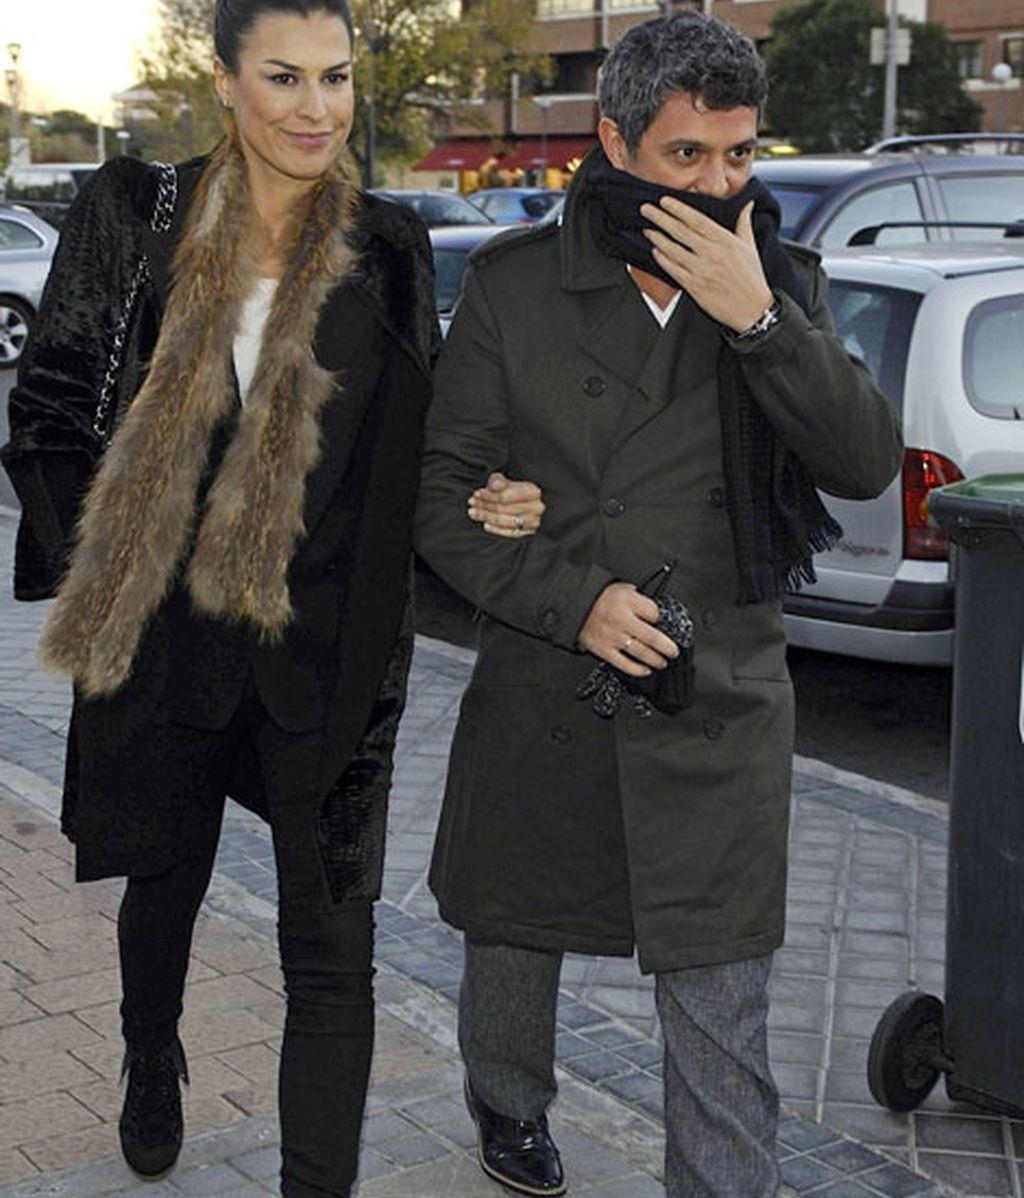 Alejandro Sanz acudió acompañado por su mujer, Raquel Perera